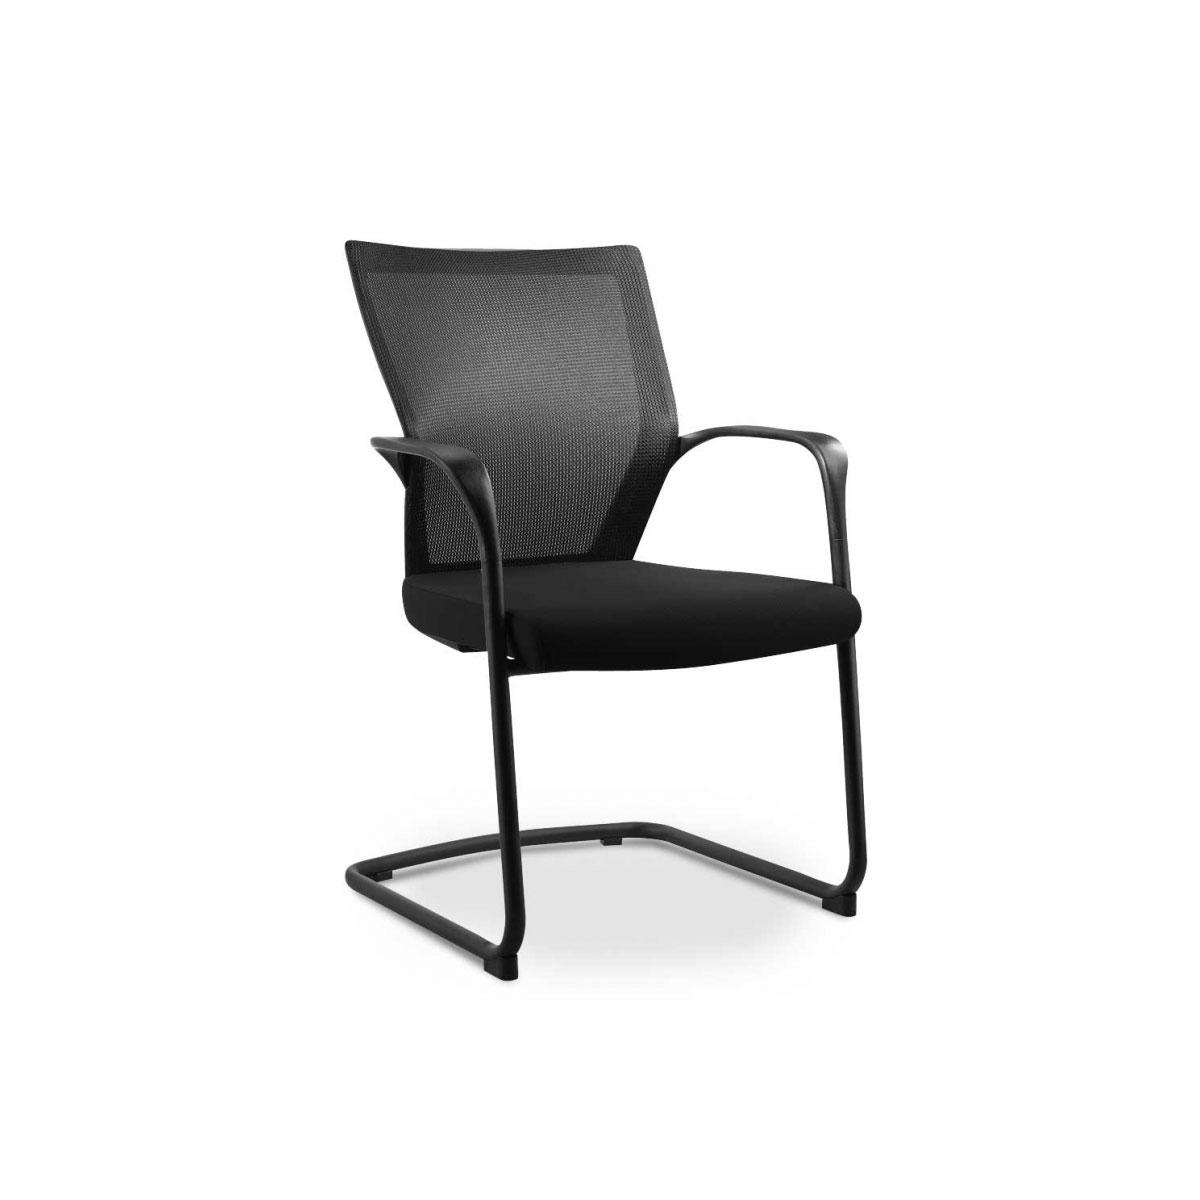 Chair 05 mon Sense mon Sense